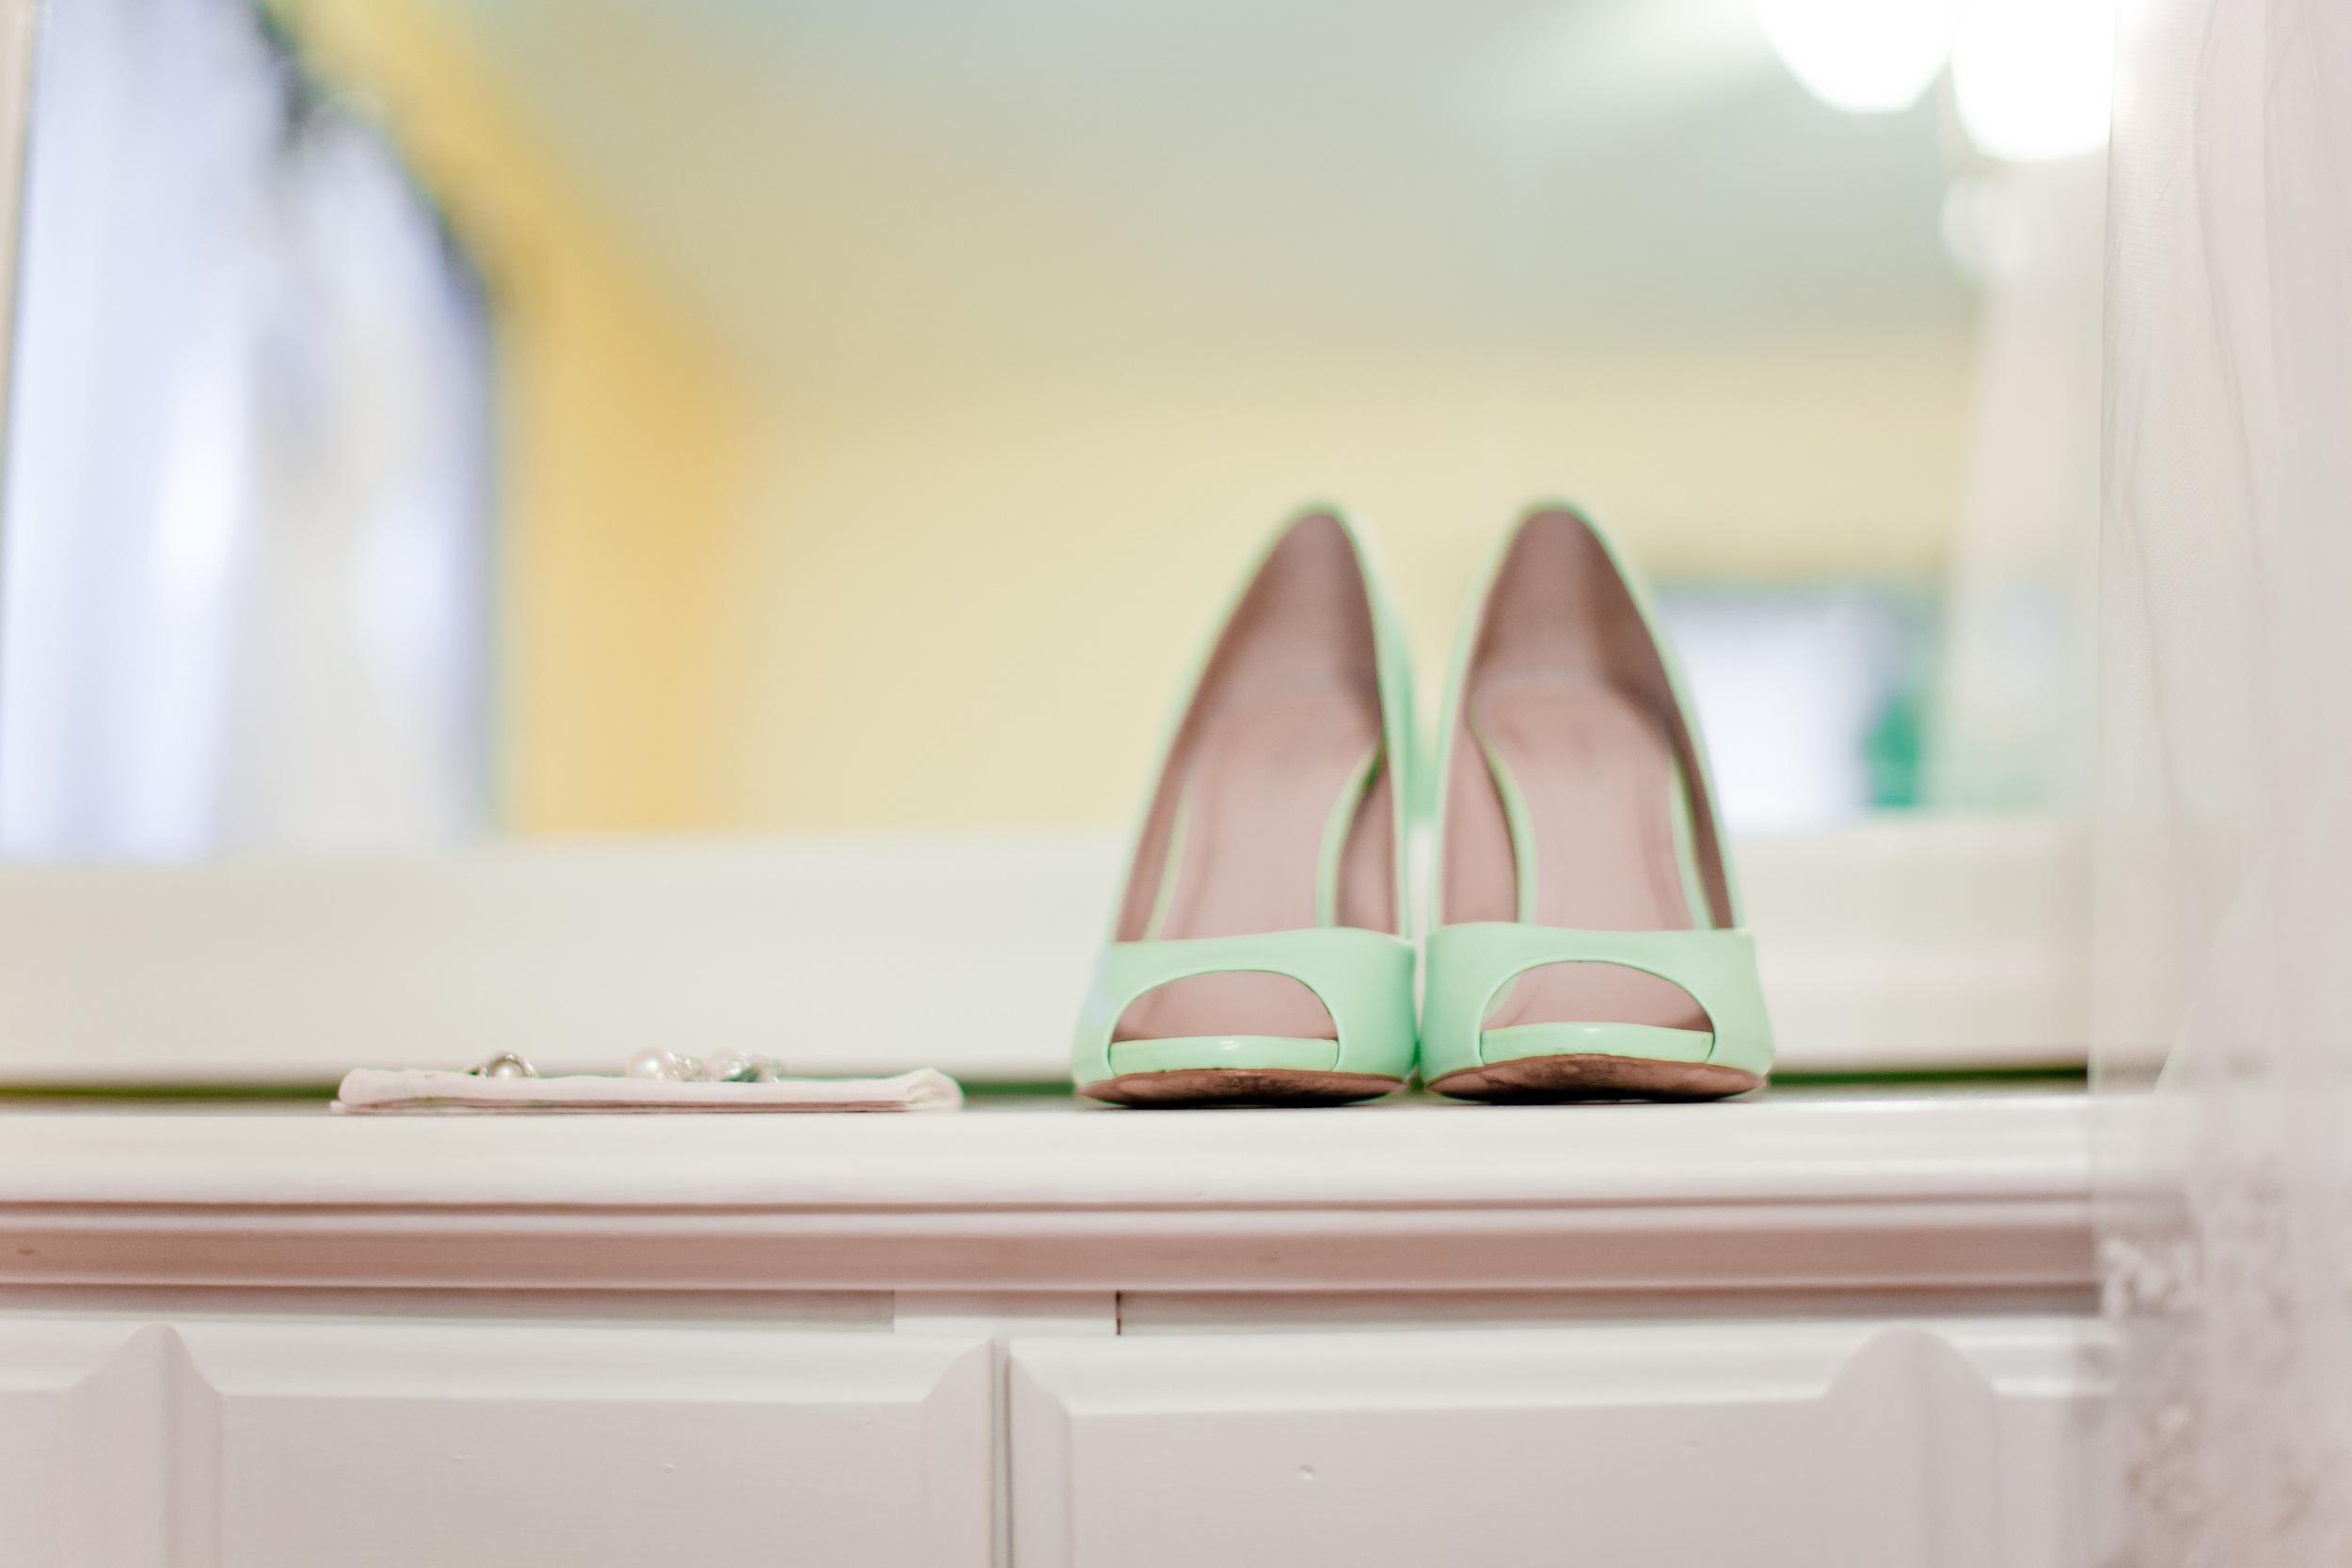 Julie & Jason Shoes